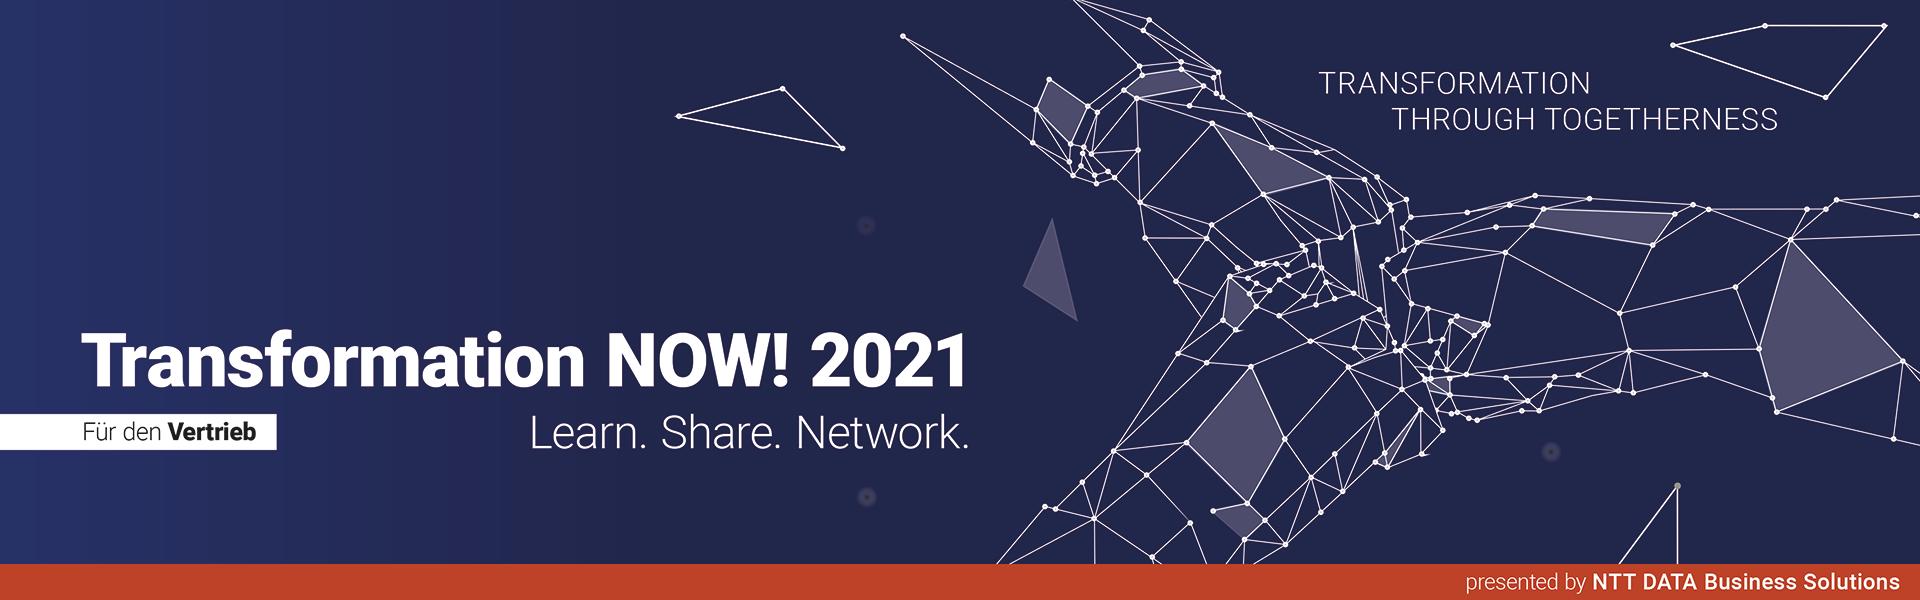 Transformation-NOW-2021-Header-Vertrieb